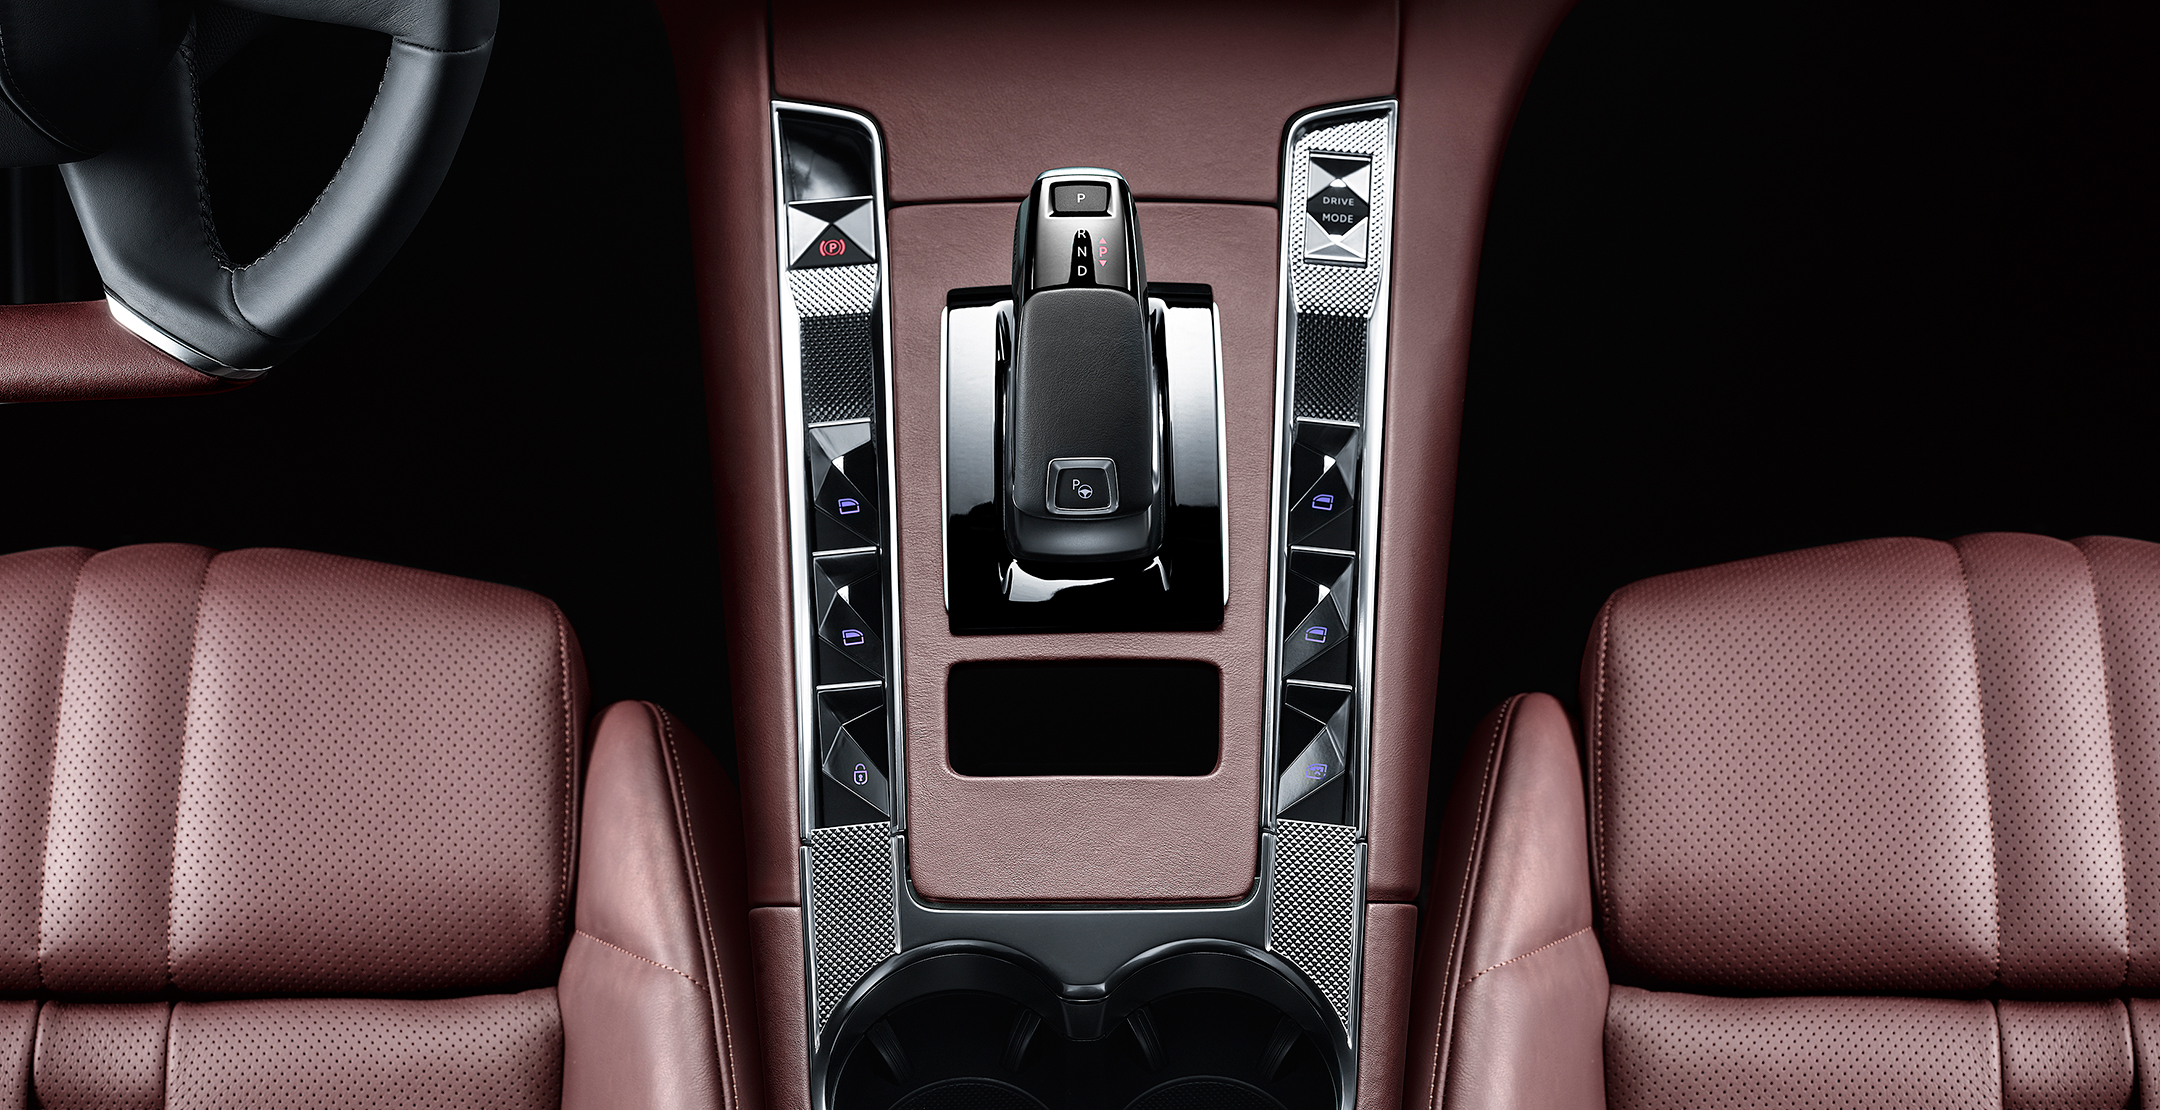 DS 7 CROSSBACK La Première - 2017 - intérieur / interior - gearbox